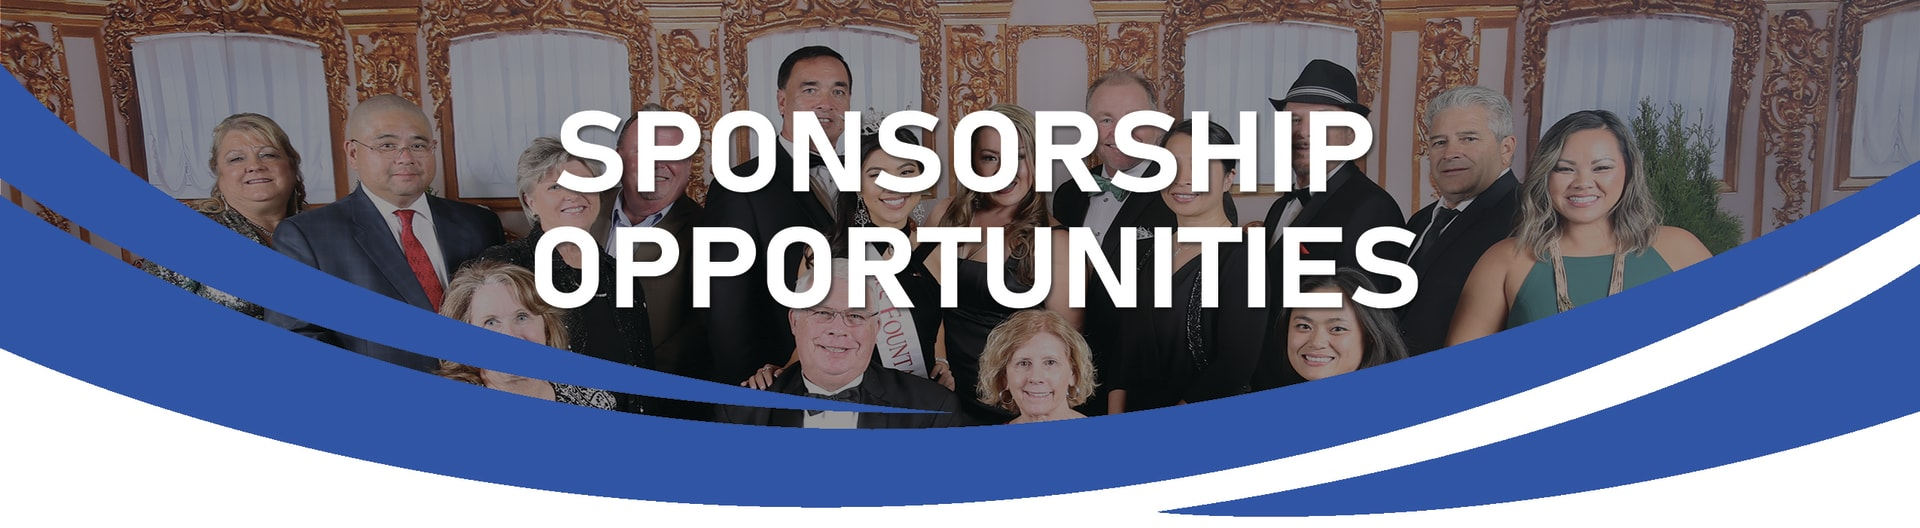 Mayor's Ball Sponsorship Opportunit